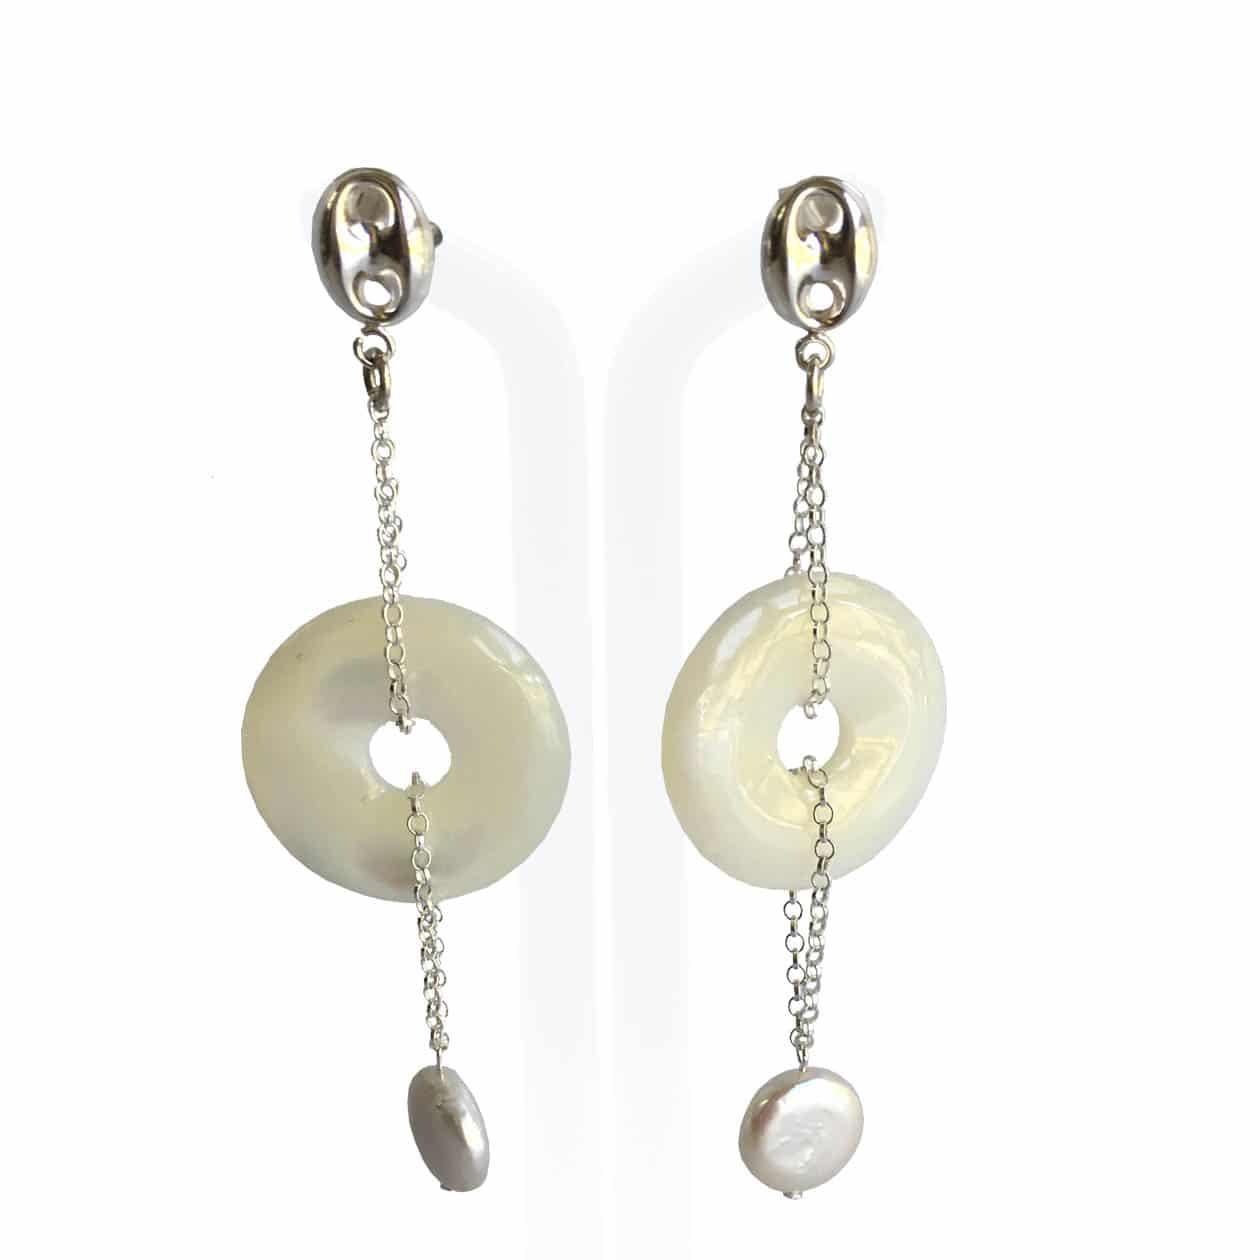 Pendientes de Nácar, perlas, cadena y entrepiezas de plata de 925, hechos a mano.  Pieza exclusiva.